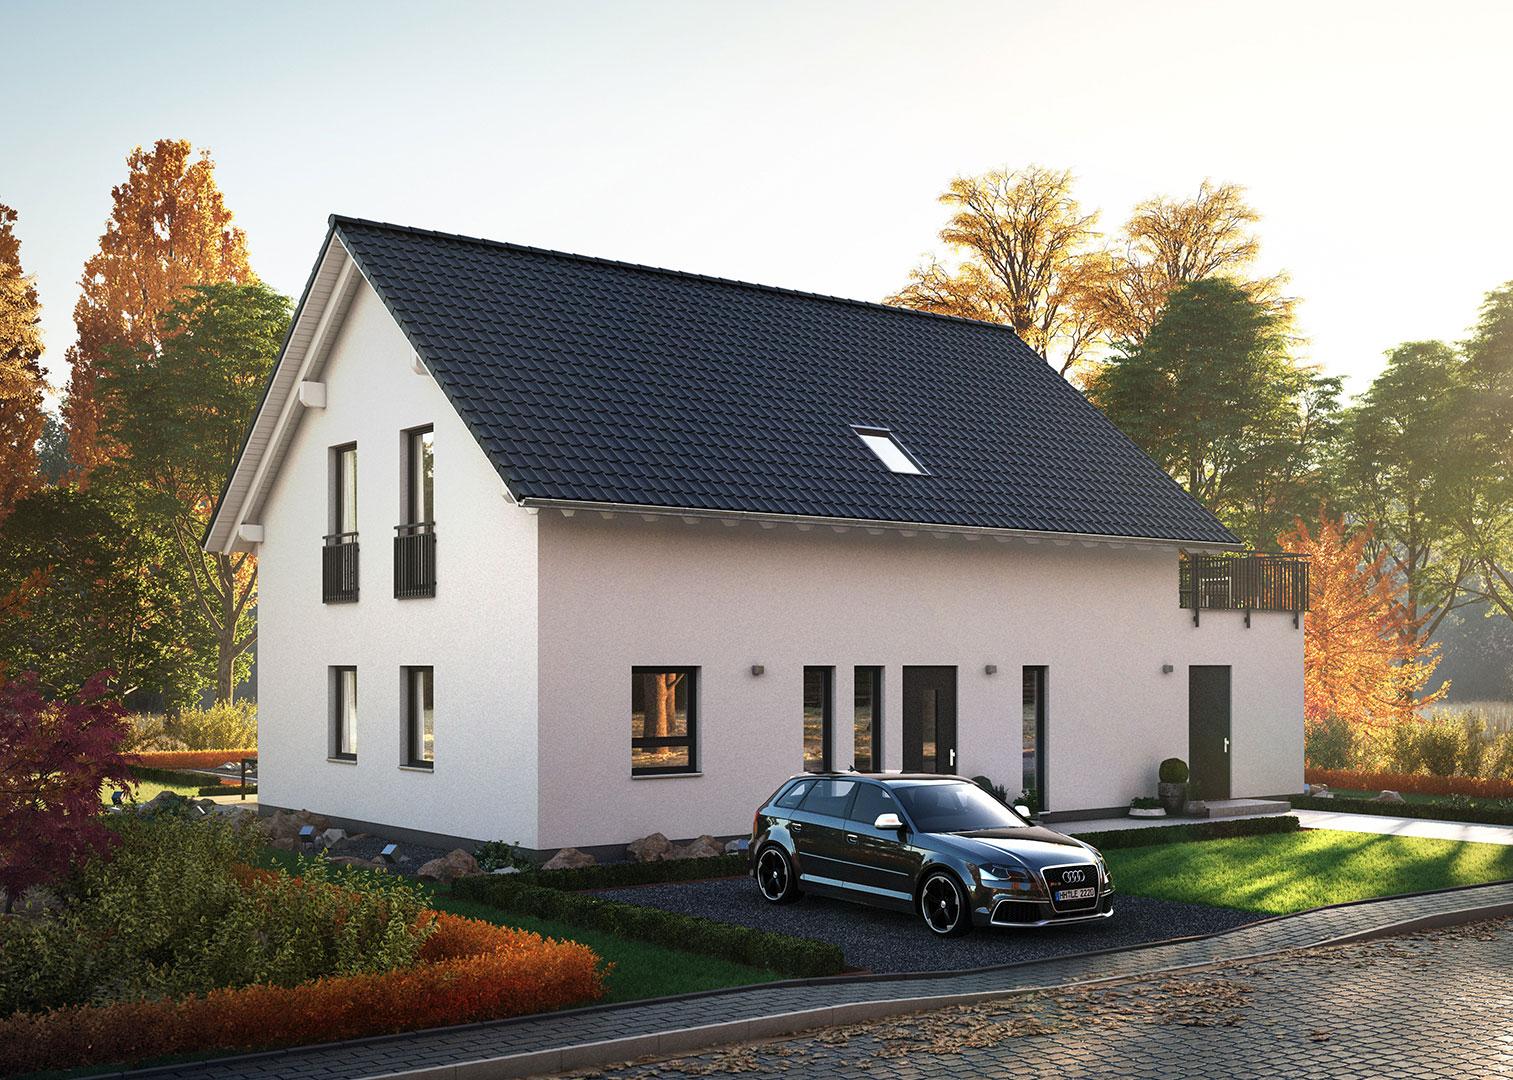 massa-einfamilienhaus-lifestyle-18.02-S-bild-1-folder-2